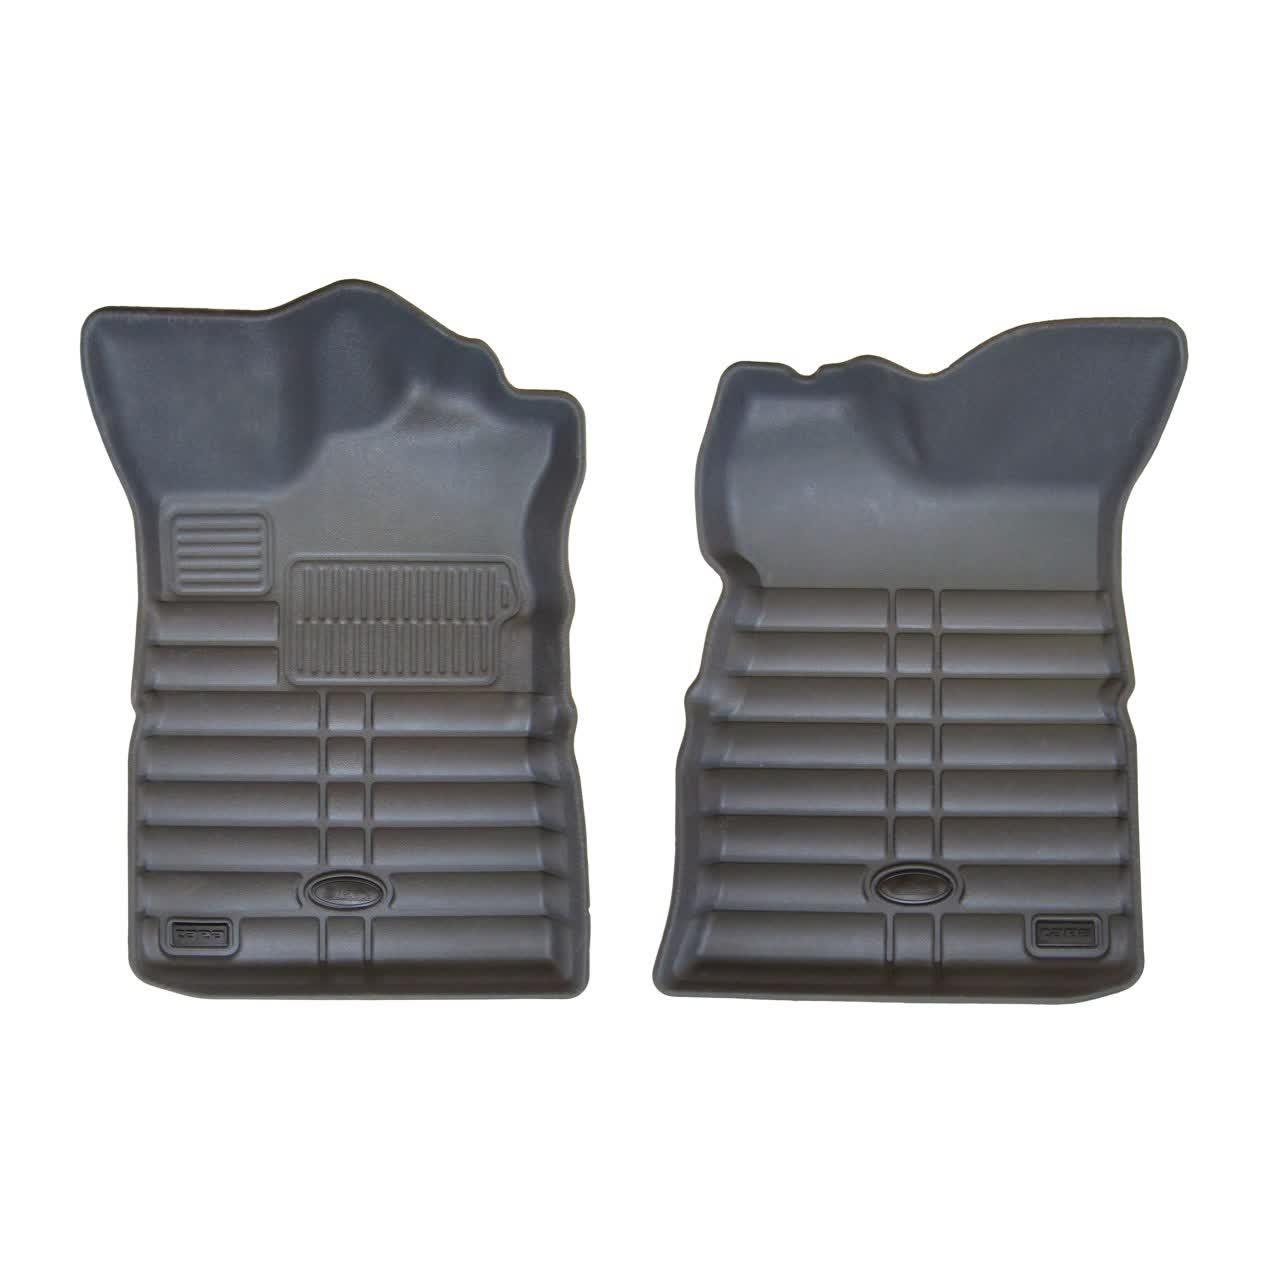 کفپوش سه بعدی خودرو بابل کارپت کد NN99 مناسب برای مزدا